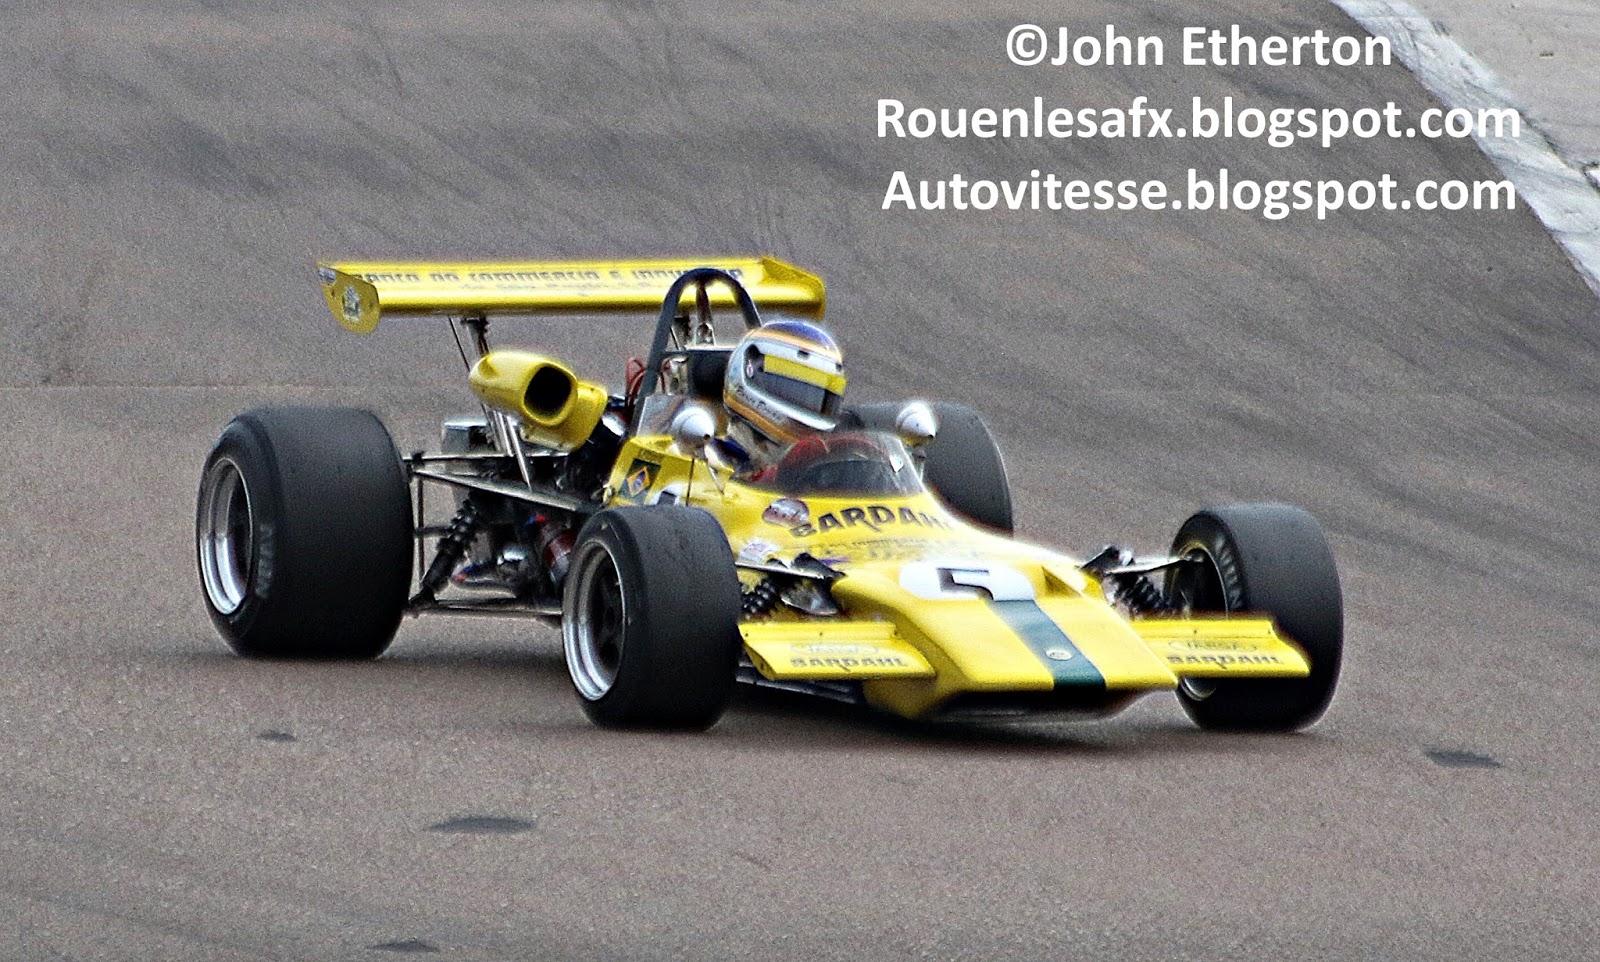 Rouen-les-AFX: Dijon MotorsCup 2016 - Historic Formula 2